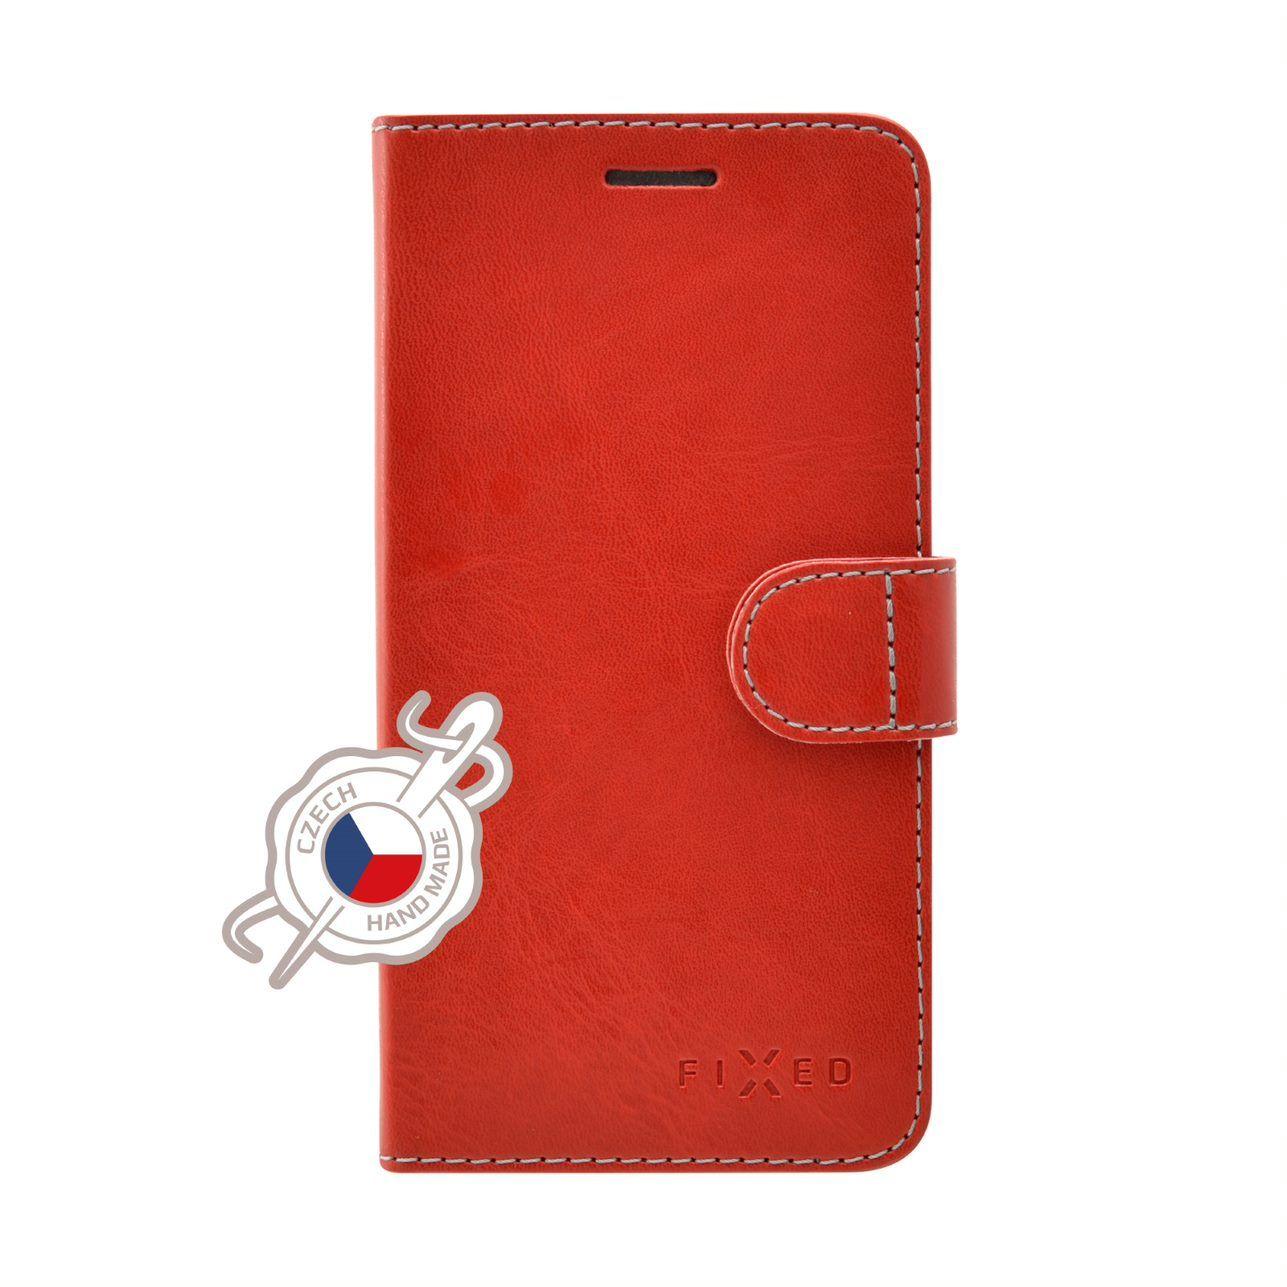 FIXED FIT flipové pouzdro, obal, kryt Xiaomi Redmi 9A red